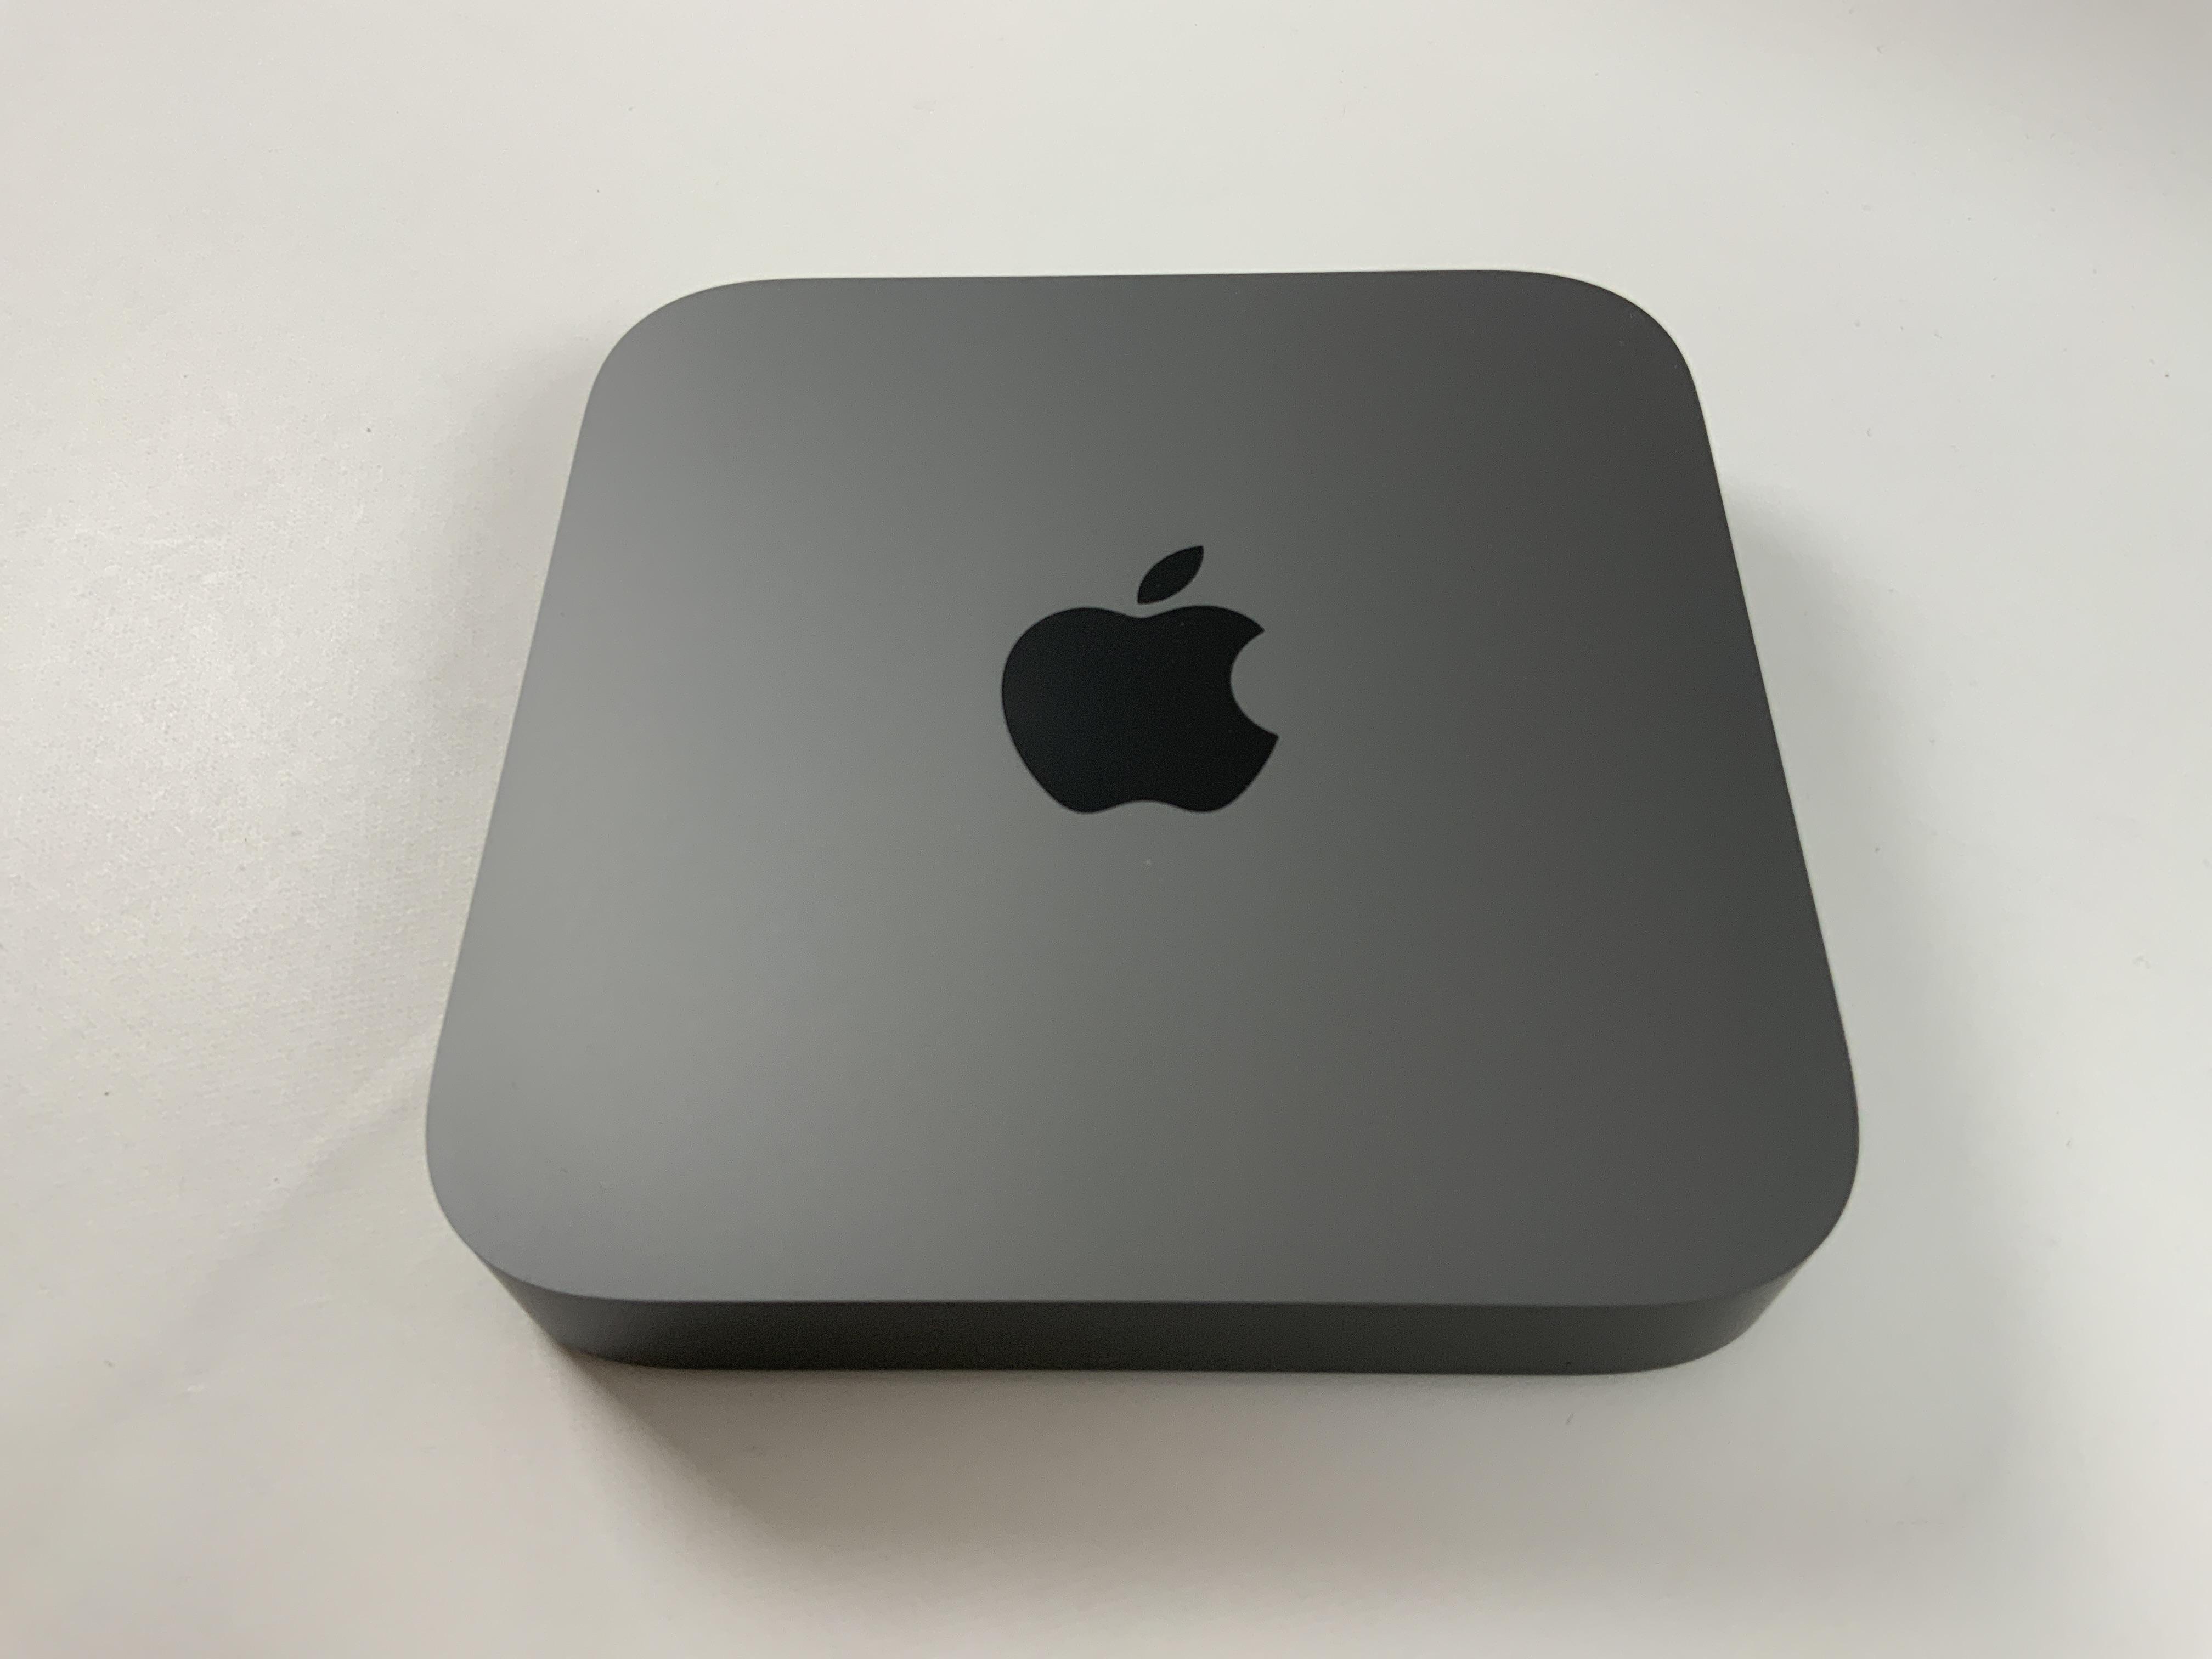 Mac Mini Late 2018 (Intel Quad-Core i3 3.6 GHz 16 GB RAM 128 GB SSD), Intel Quad-Core i3 3.6 GHz, 16 GB RAM, 128 GB SSD, bild 1